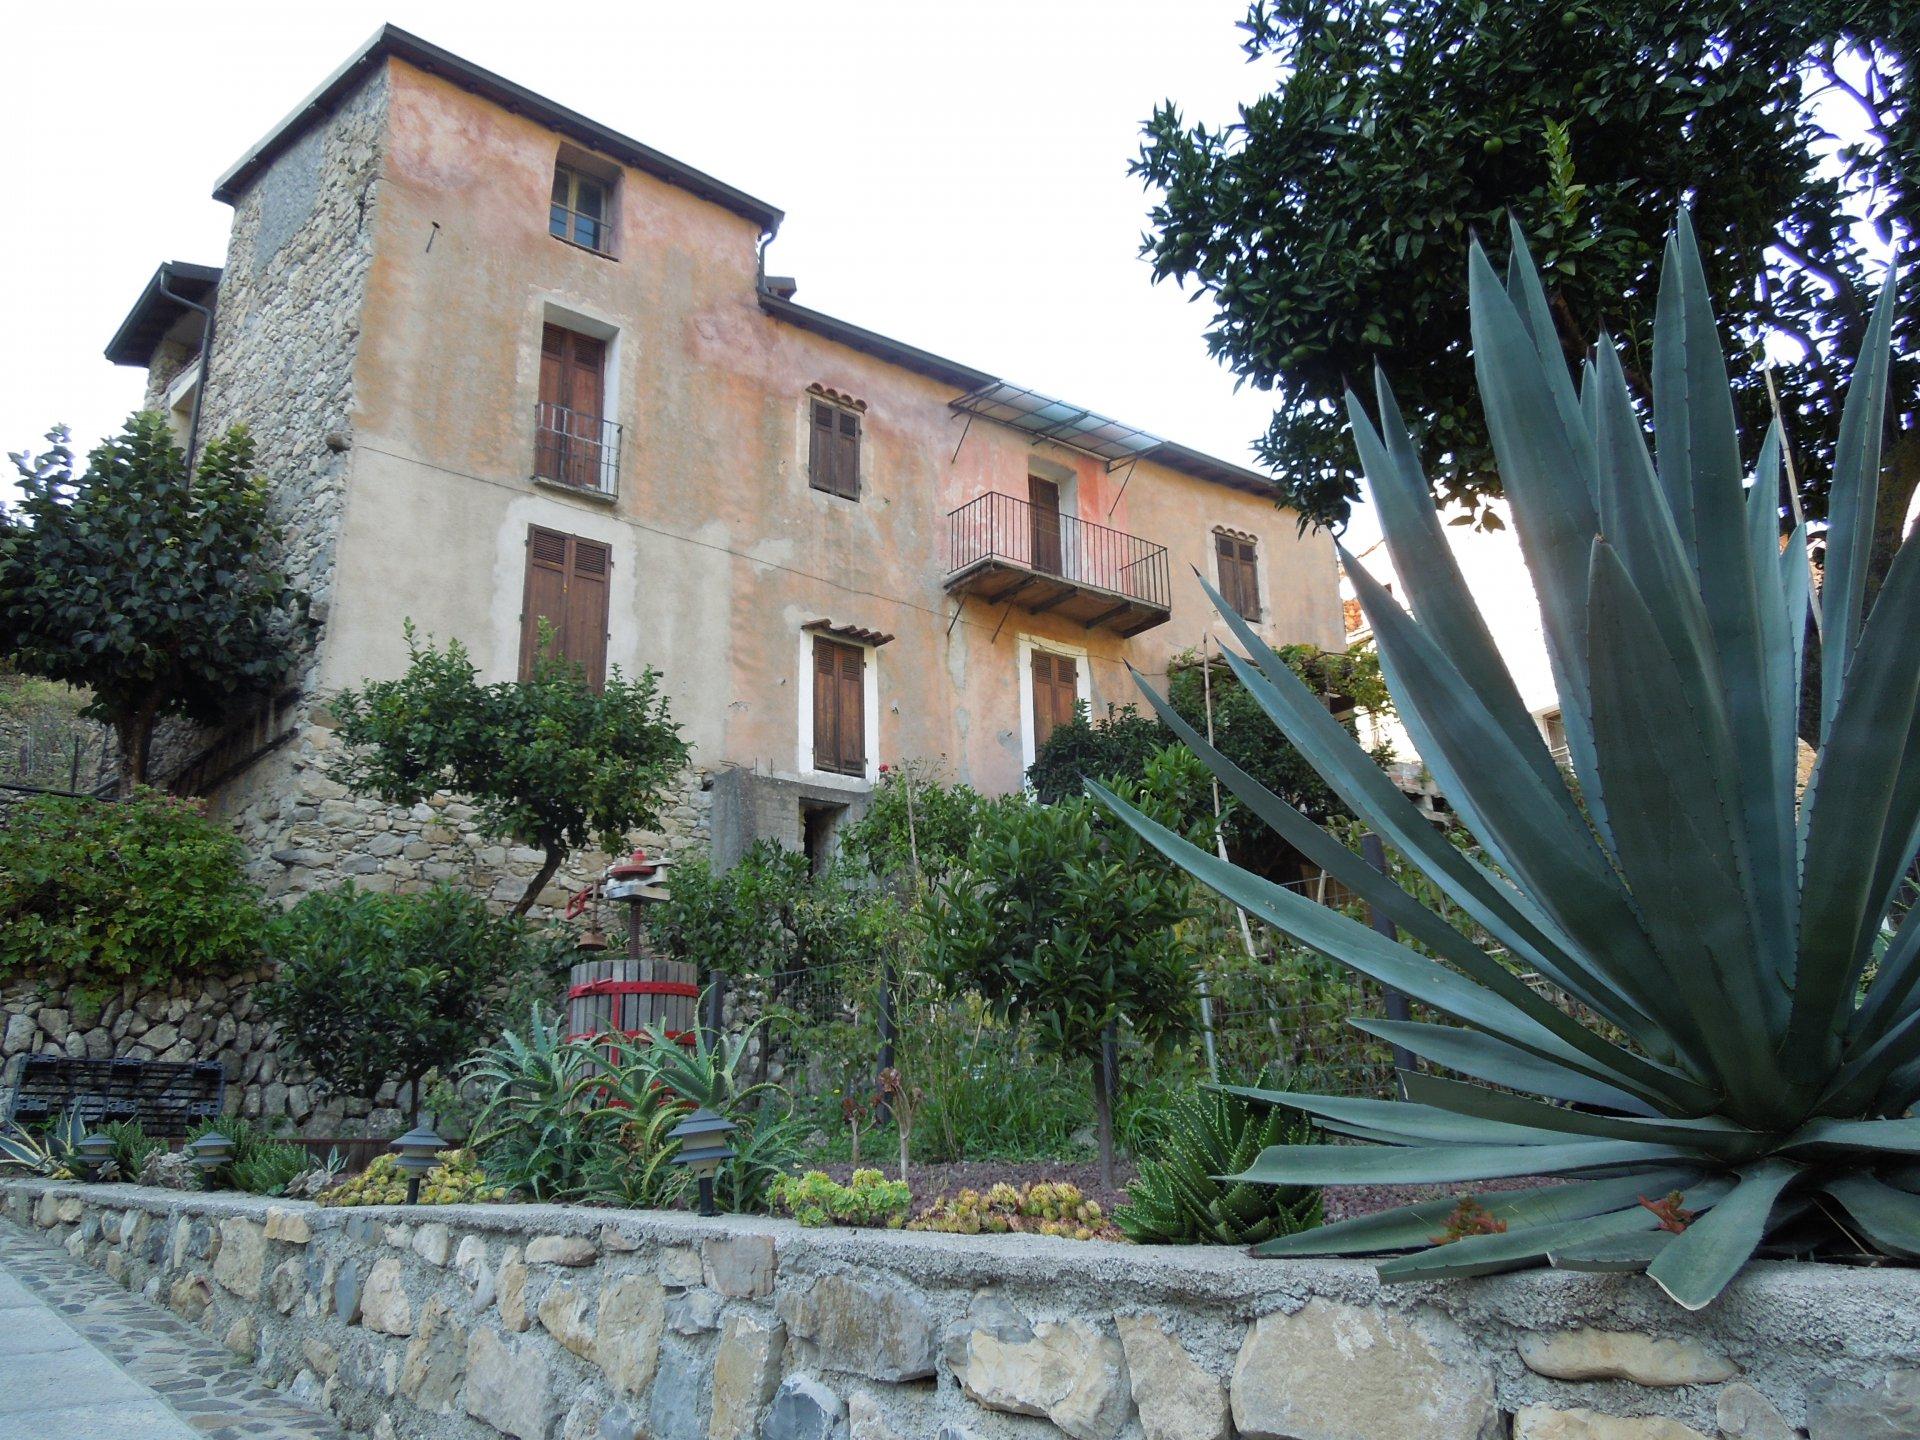 Maison A Renover Italie vente maison - vintimille (ventimiglia) torri - italie torri